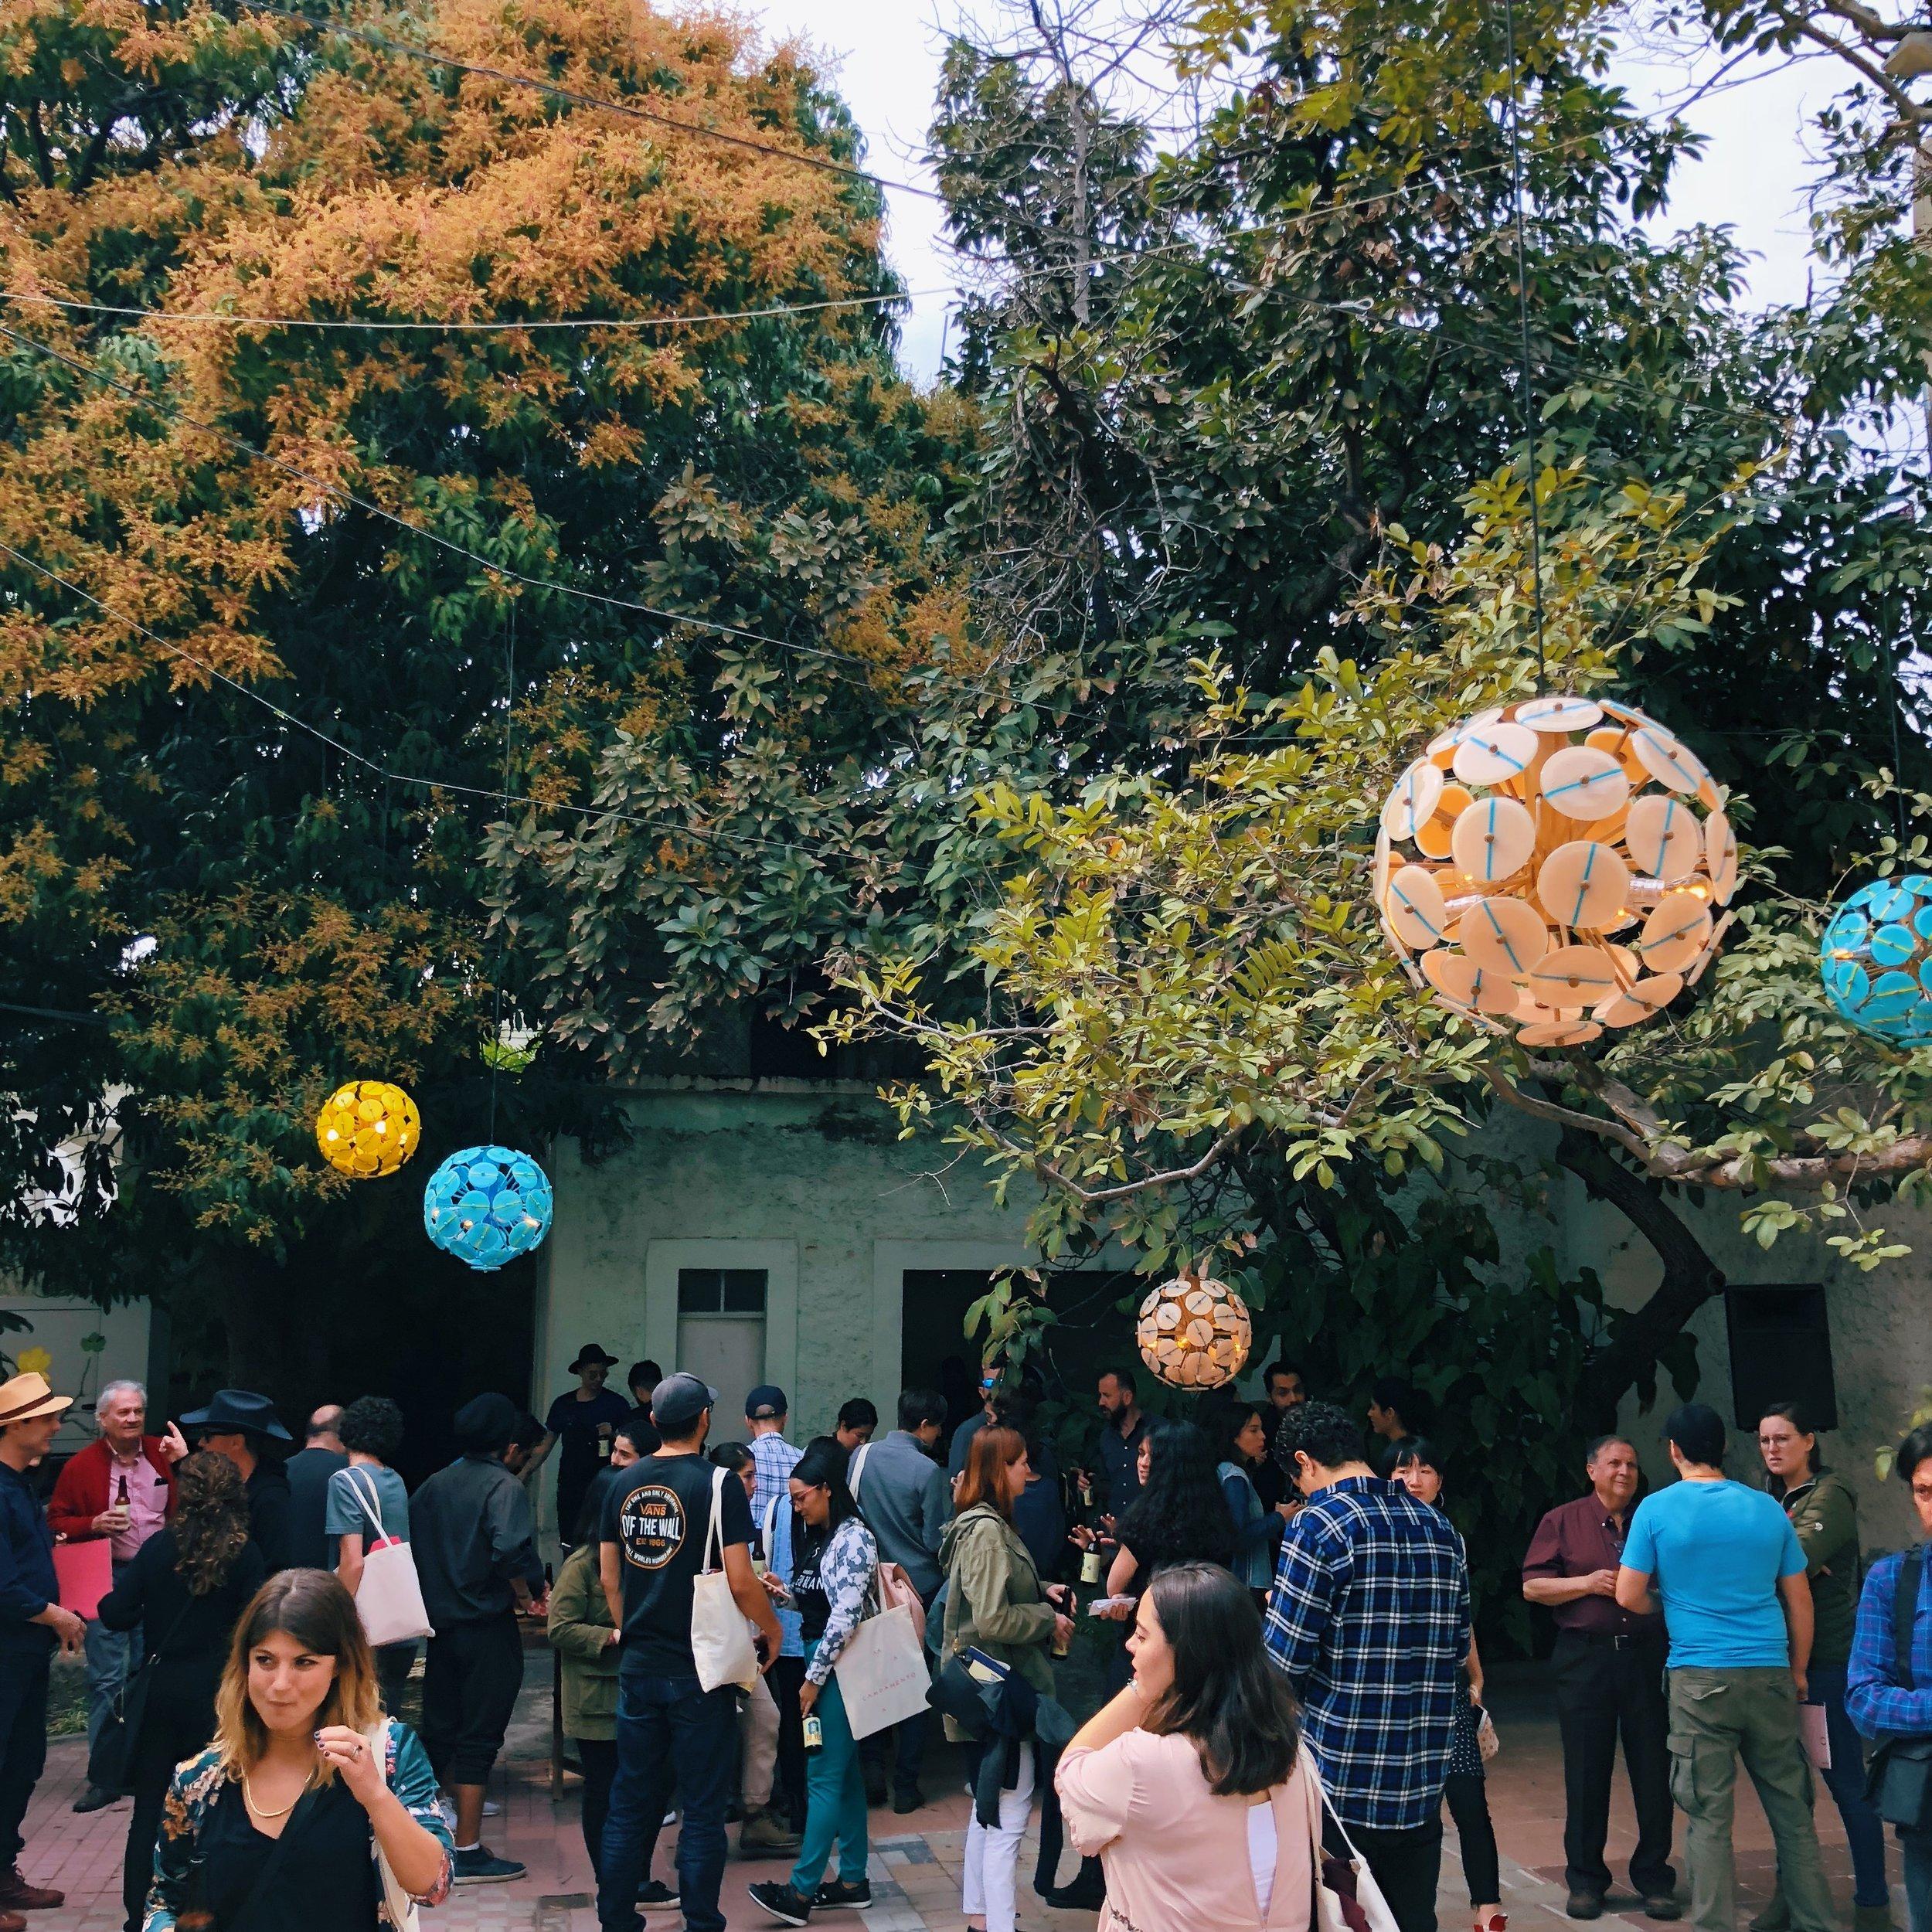 jorge-diego-etienne-campamento-feria-2018